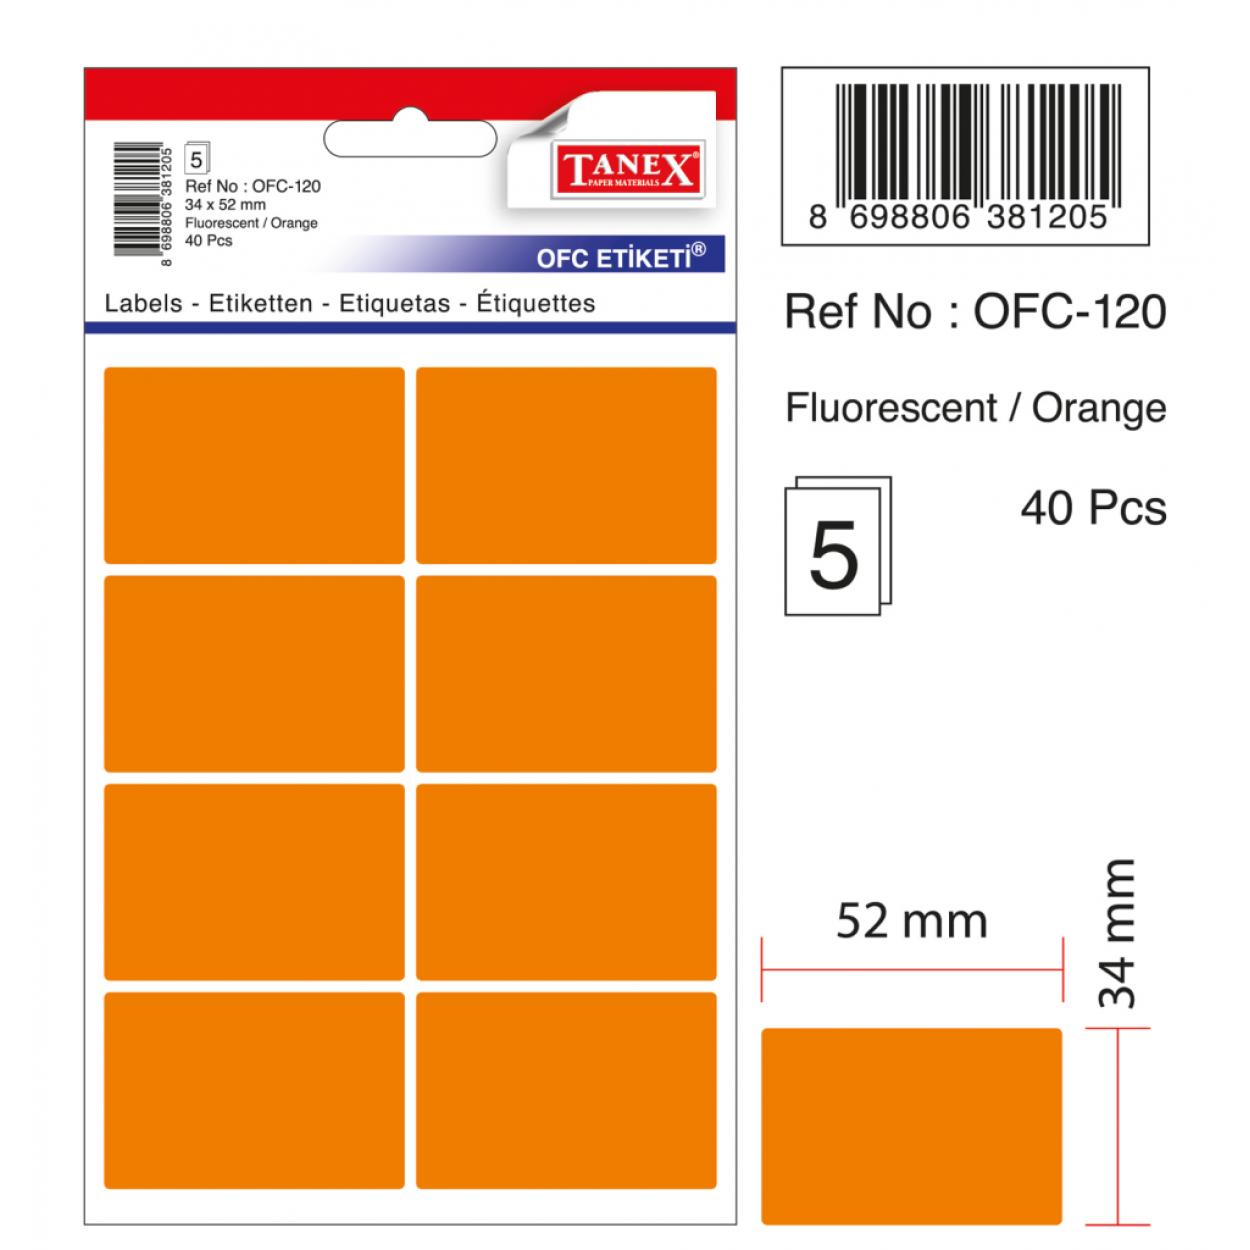 Tanex Ofc-120 Flo Turuncu Ofis Etiketi